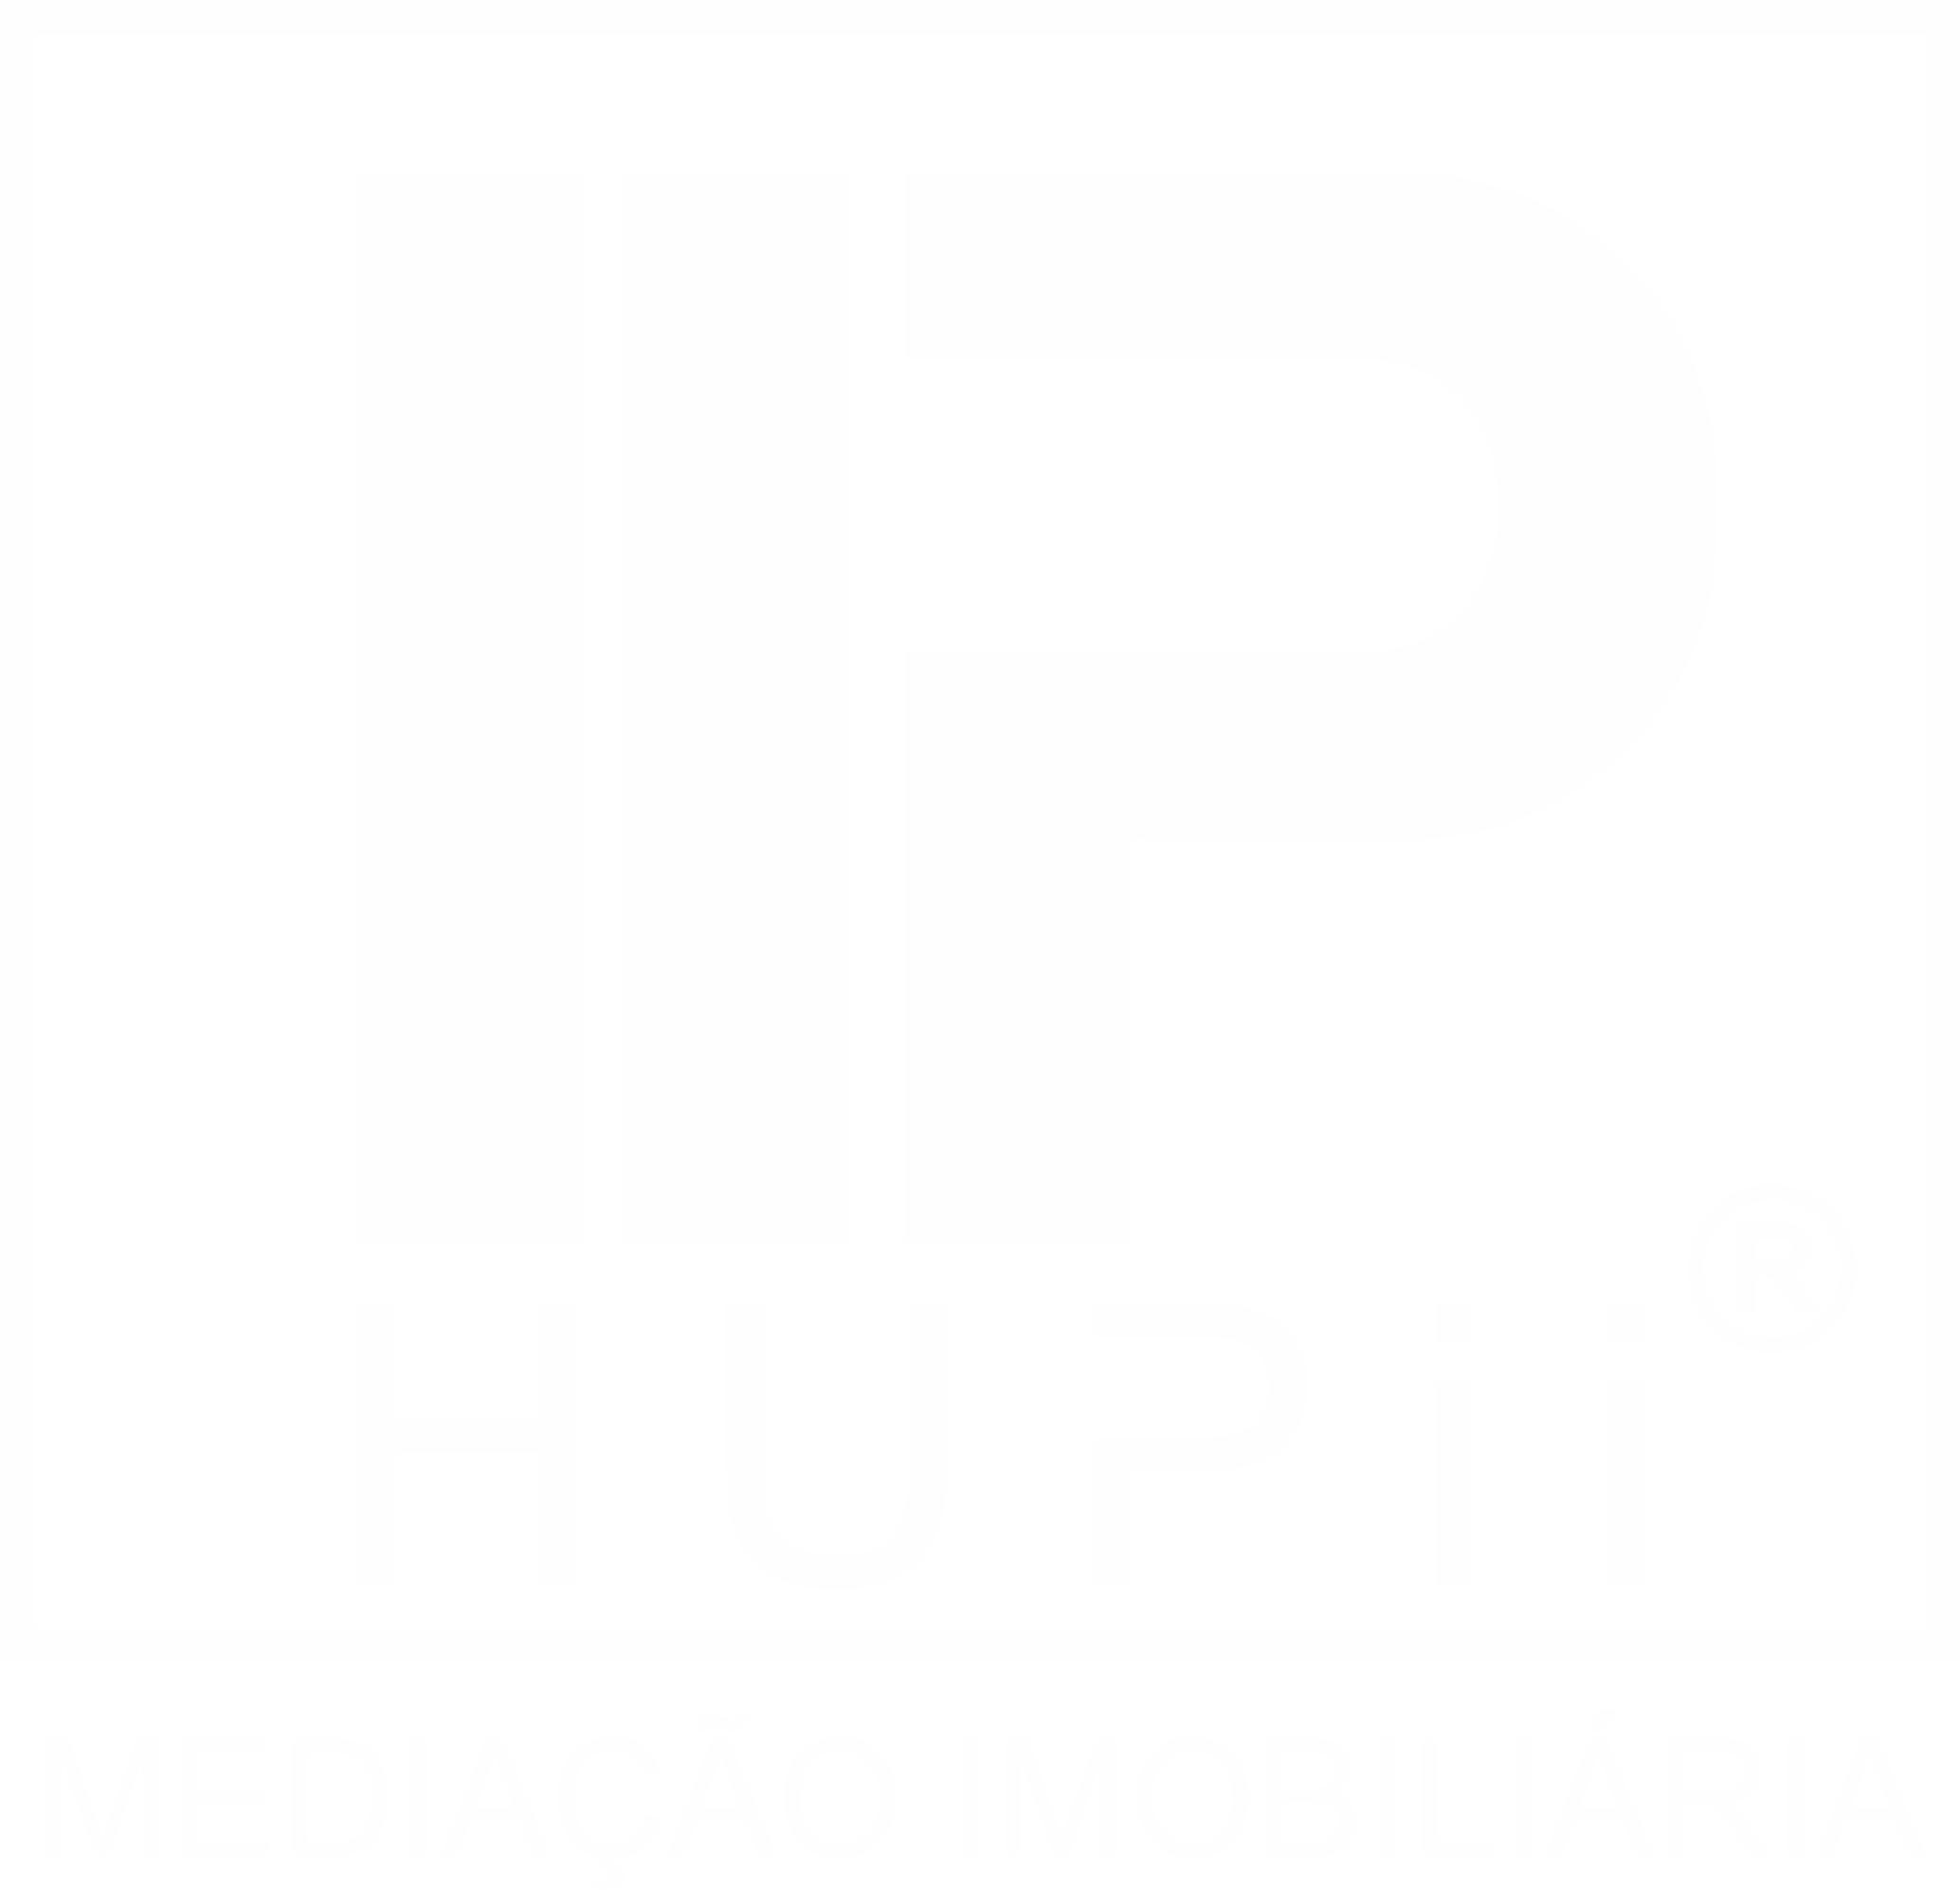 Hupii Mediação Imobiliária H.F.P.Pinto